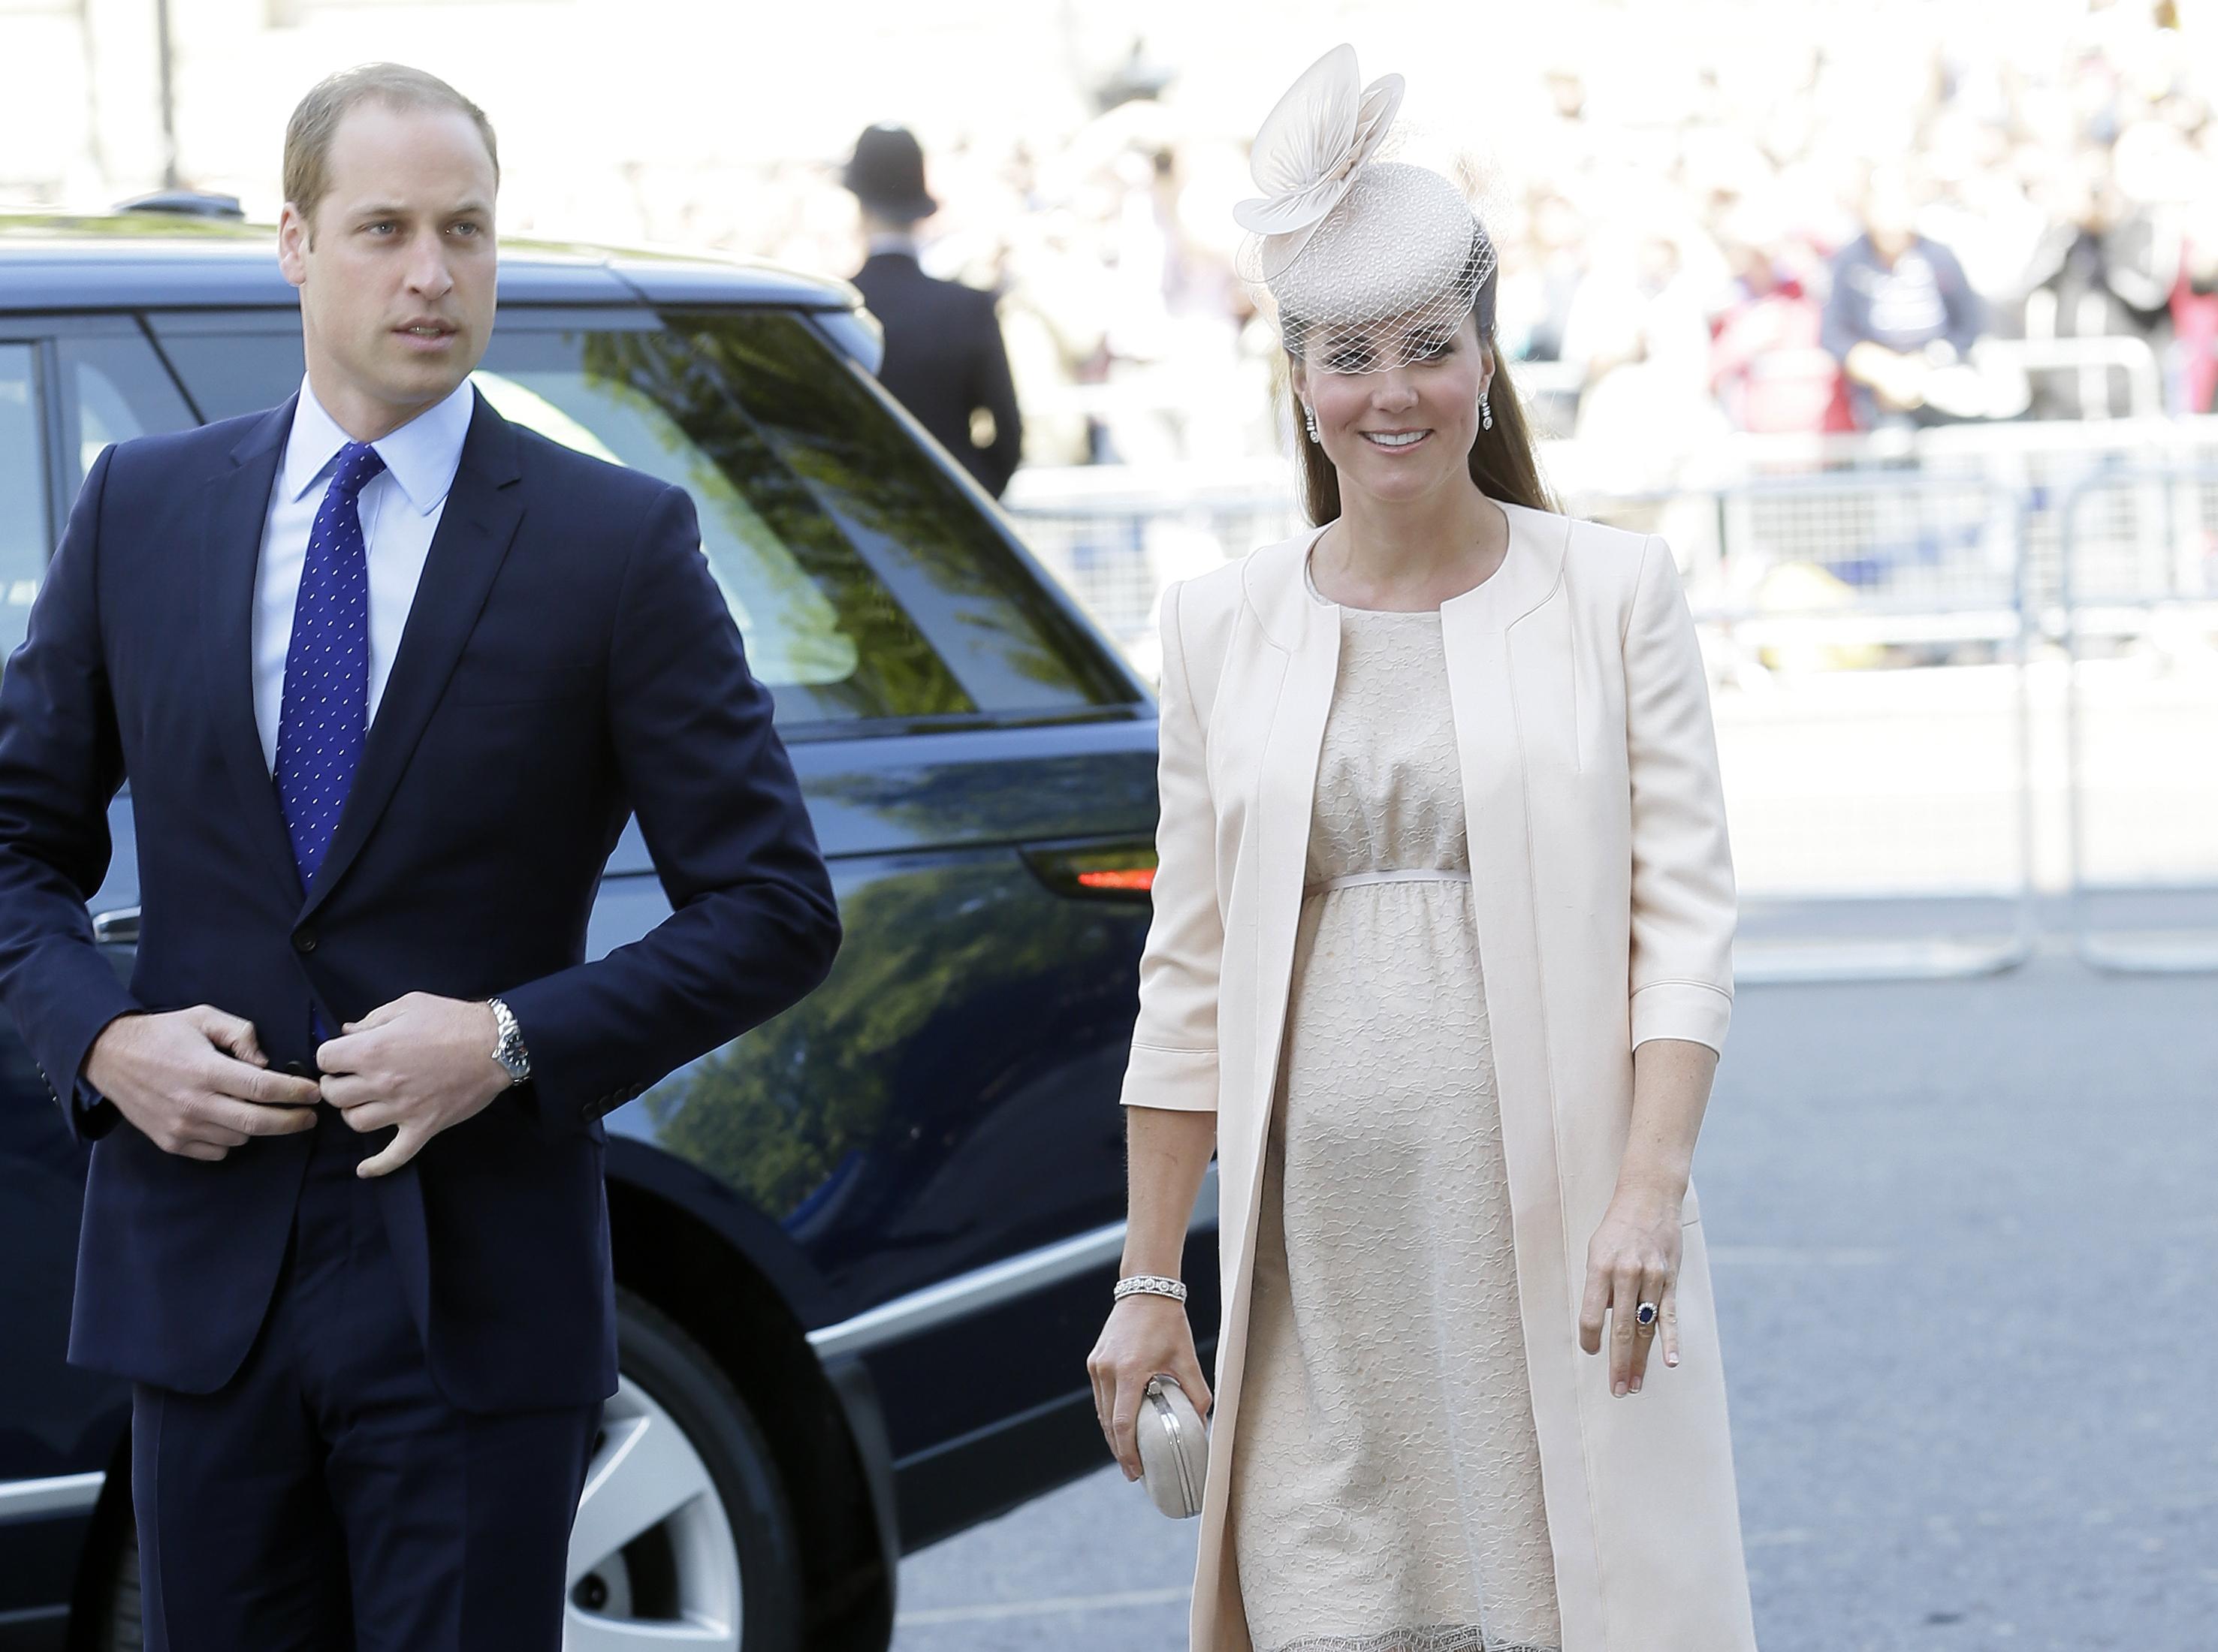 Кейт Миддлтон родила сына принцу Уильяму 22 июля